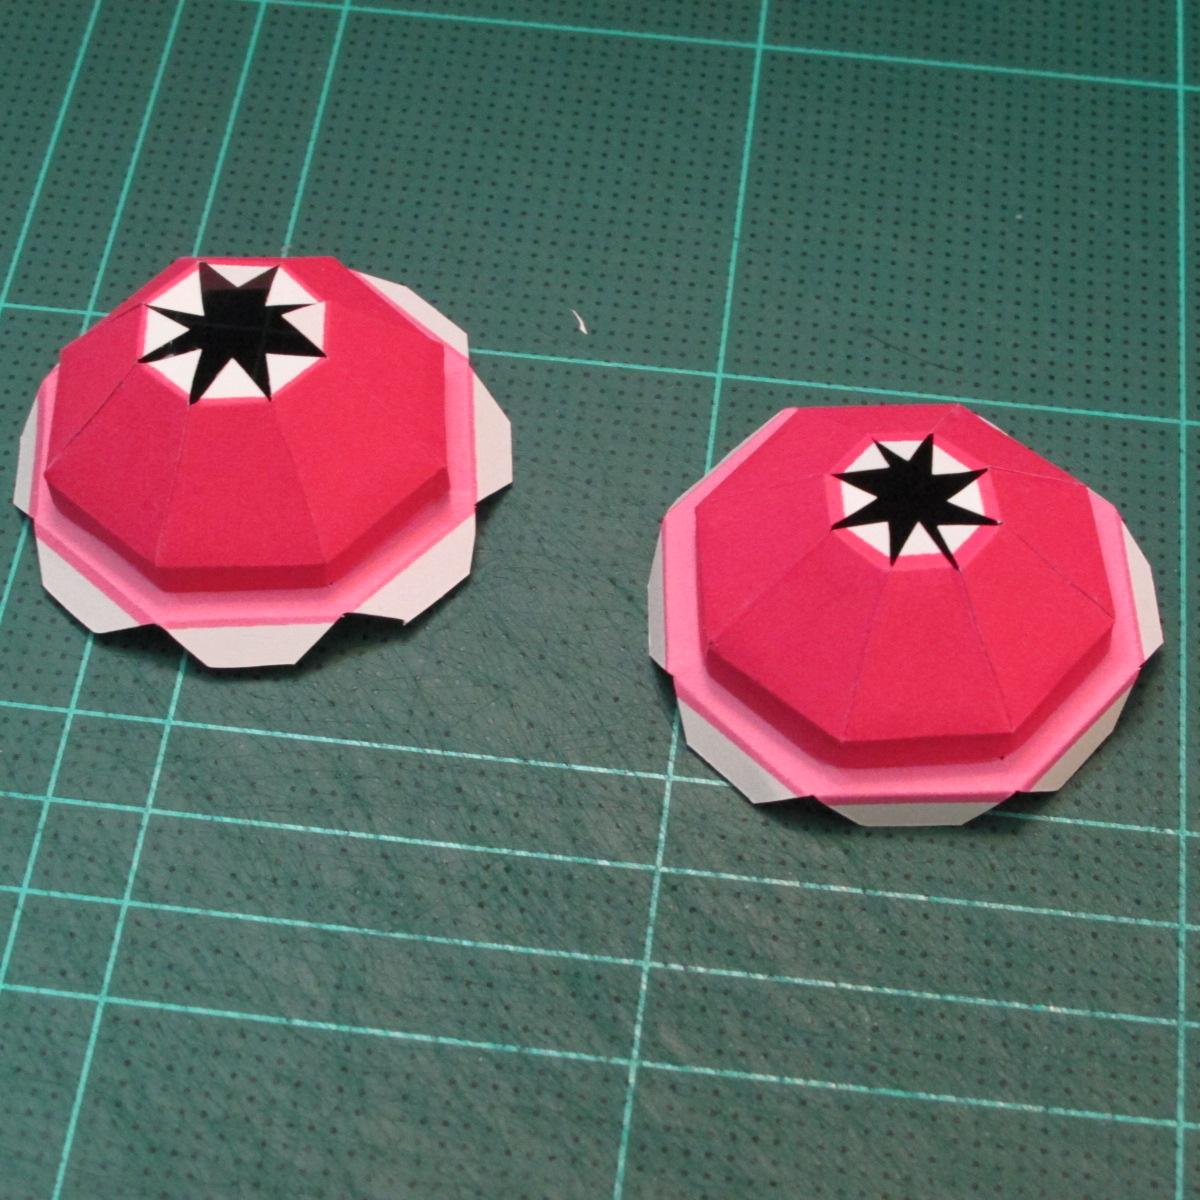 วิธีทำโมเดลกระดาษตุ้กตาคุกกี้รัน คุกกี้รสสตอเบอรี่ (LINE Cookie Run Strawberry Cookie Papercraft Model) 037